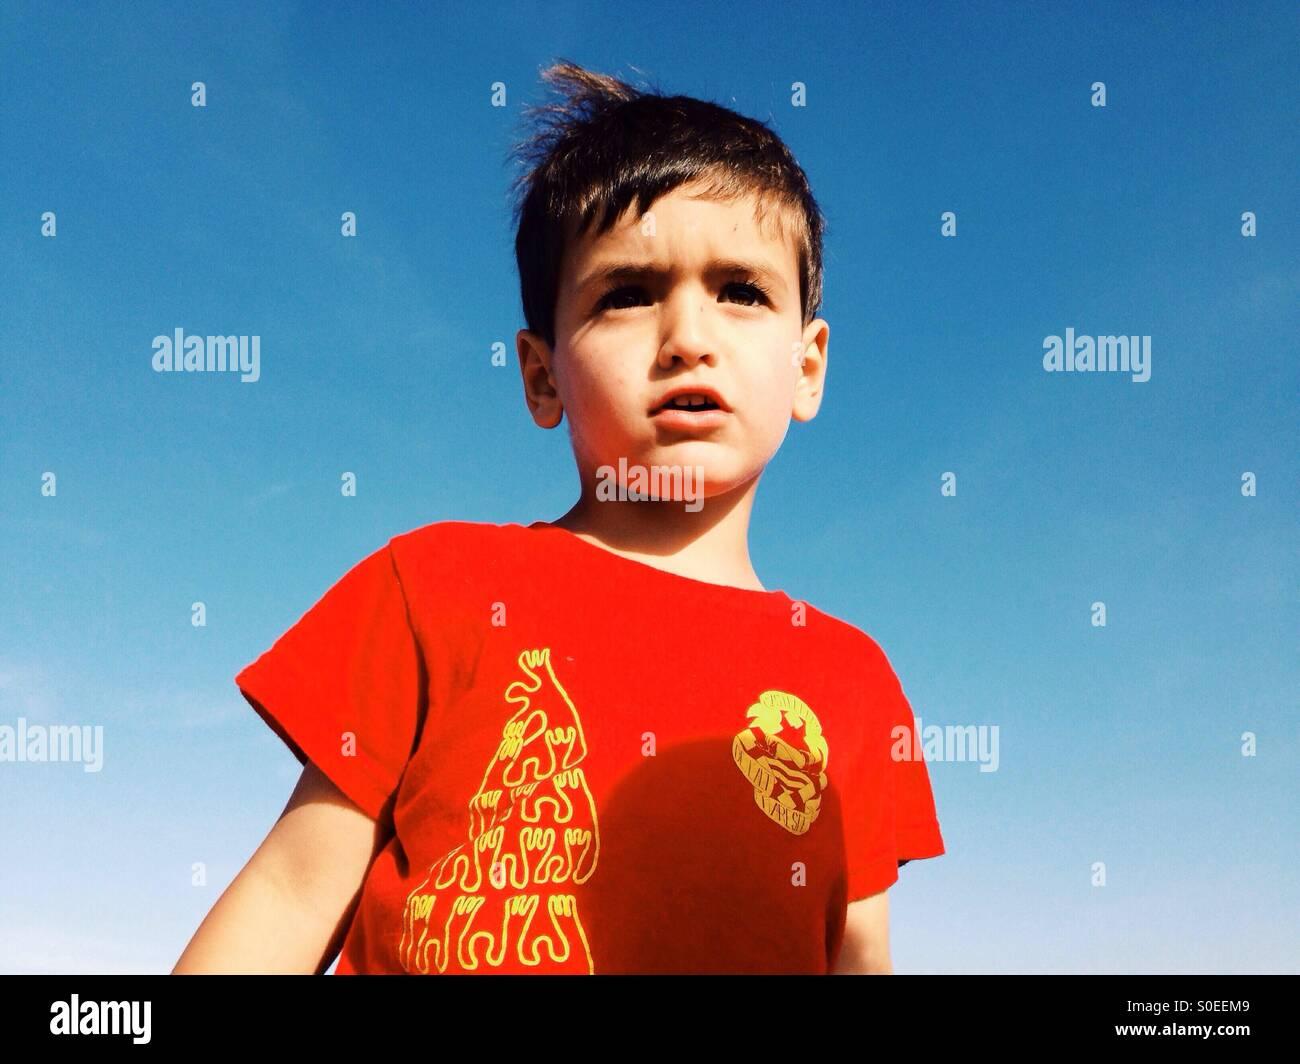 Un garçon de trois ans dans un t-shirt rouge Photo Stock